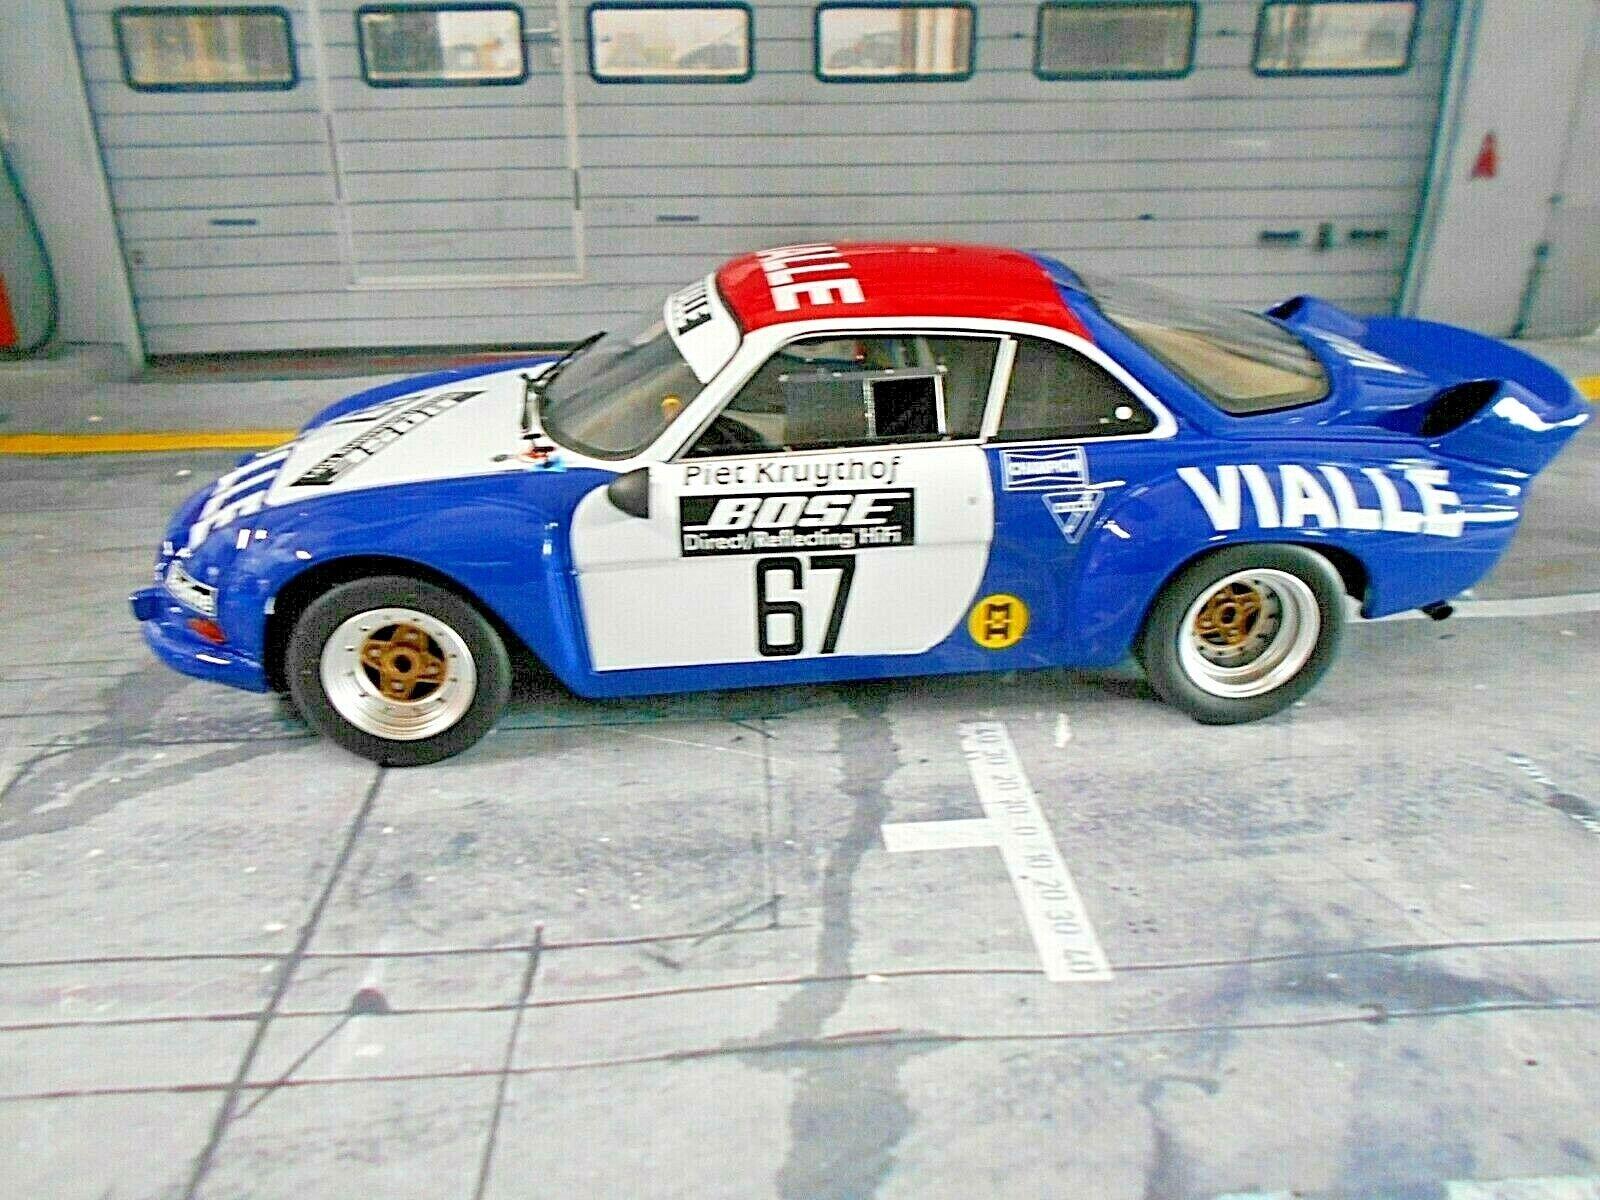 consegna diretta e rapida in fabbrica RENAULT a110 a110 a110 Alpine MIS. 5 RtuttiY CROSS squadra Vituttie 1977  67 KR otto NUOVO nuovo 1 18  negozio di sconto